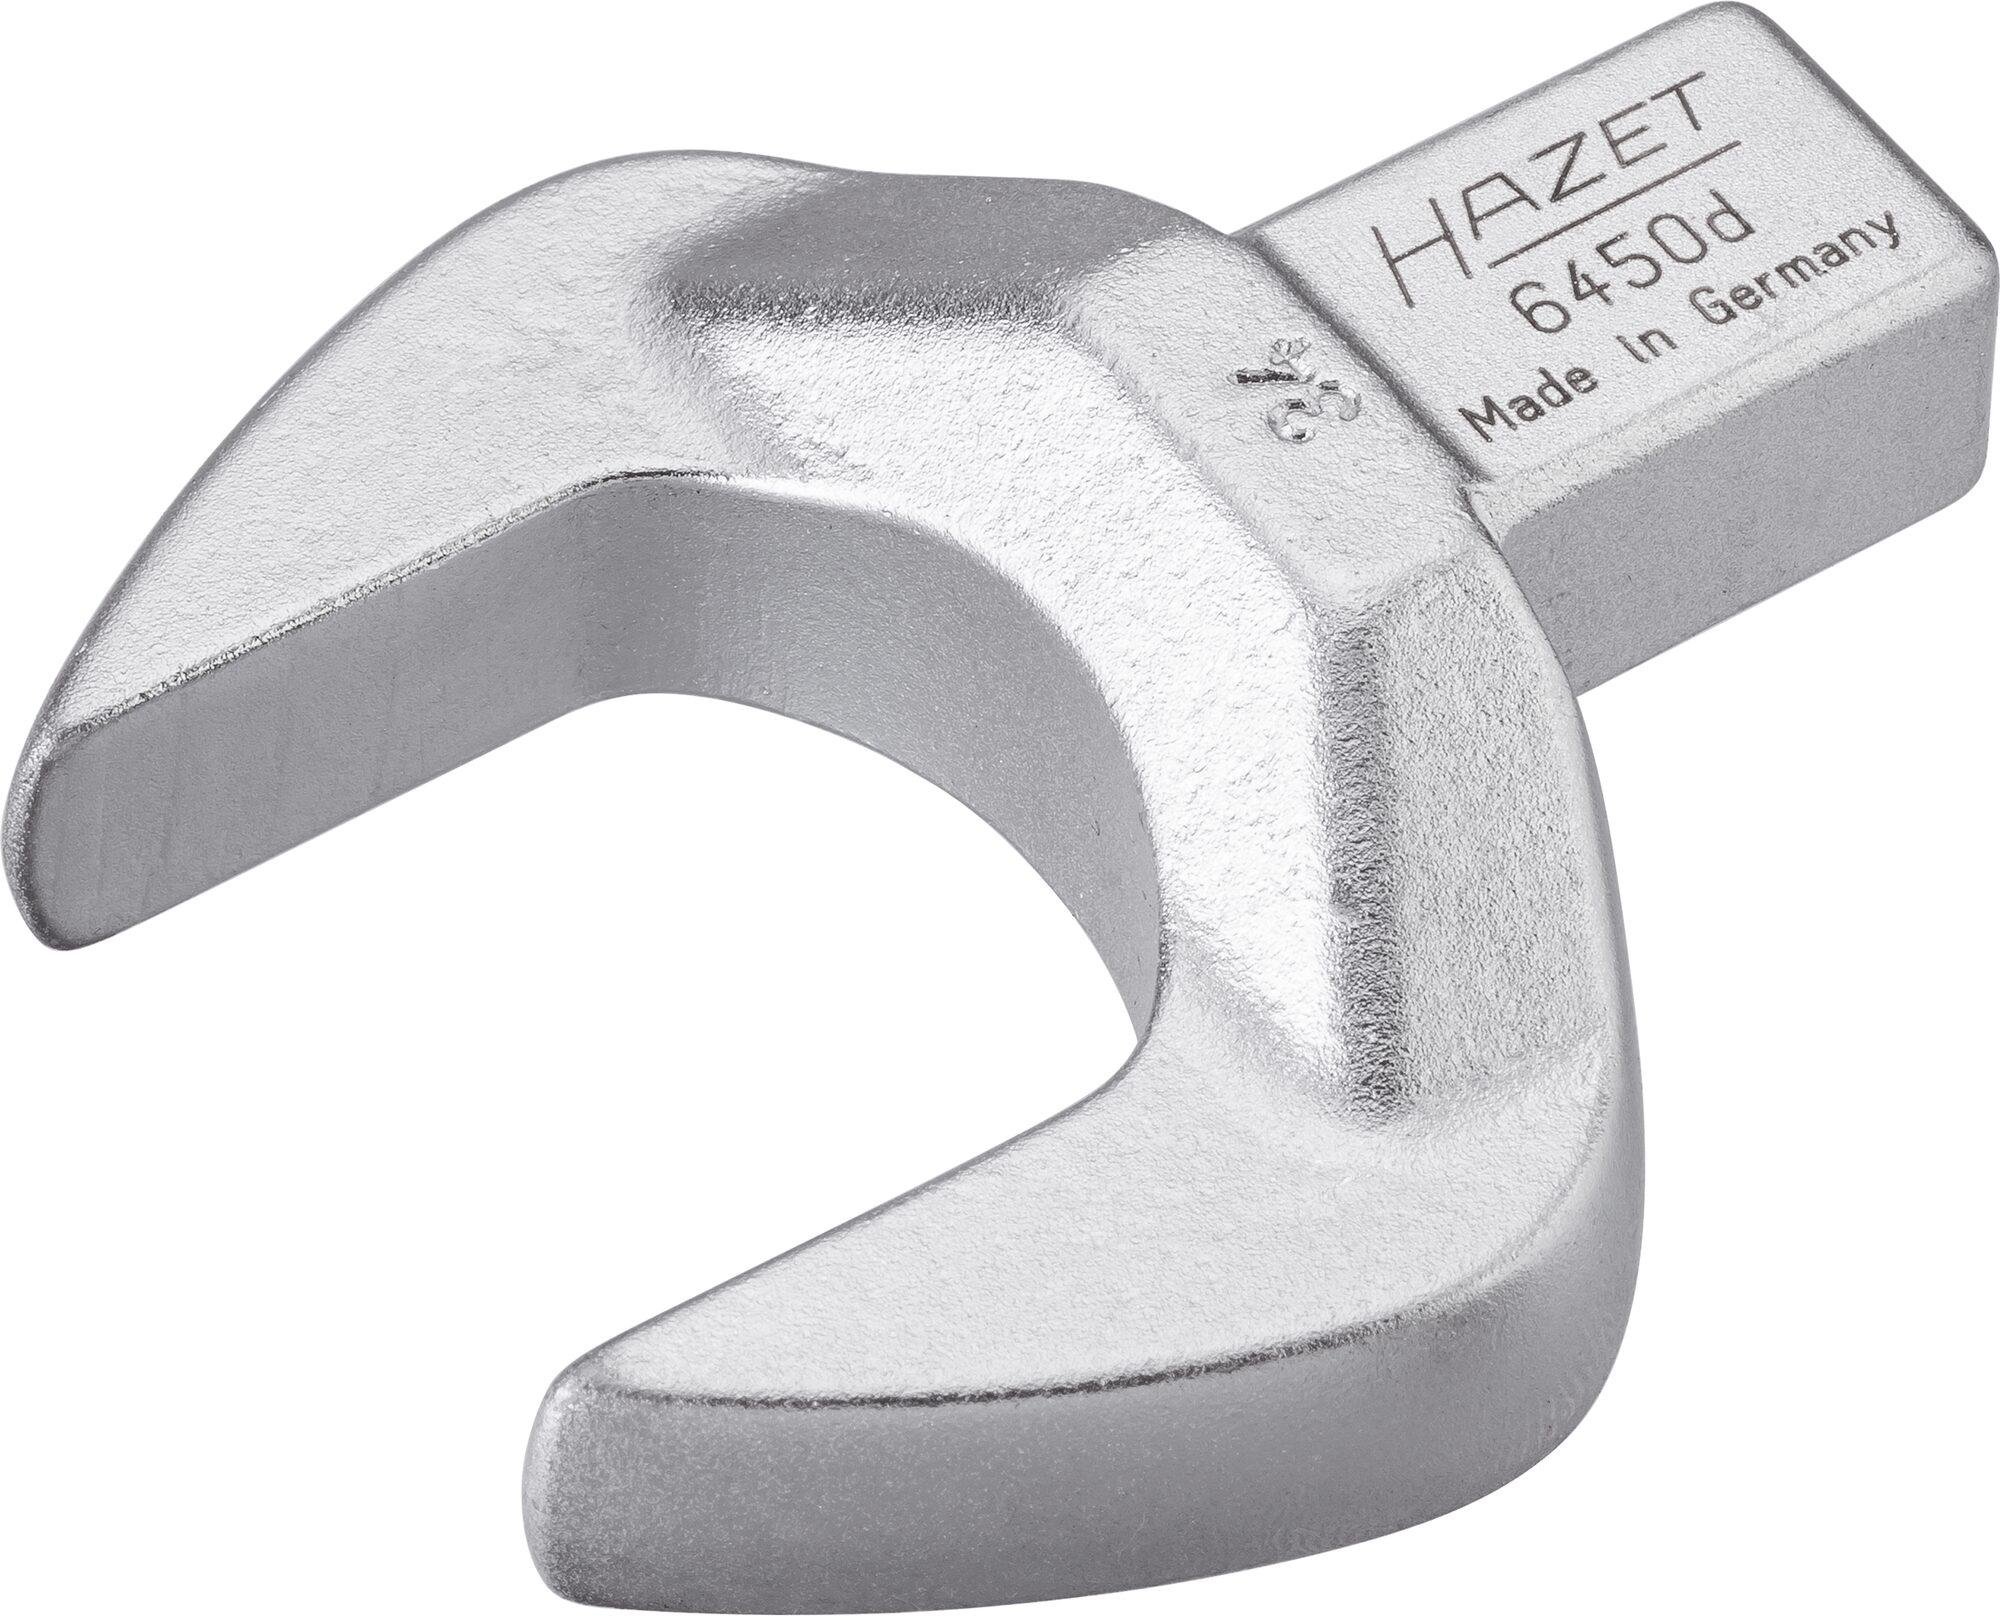 HAZET Einsteck-Maulschlüssel 6450D-34 ∙ Einsteck-Vierkant 14 x 18 mm ∙ Außen-Sechskant Profil ∙ 34 mm